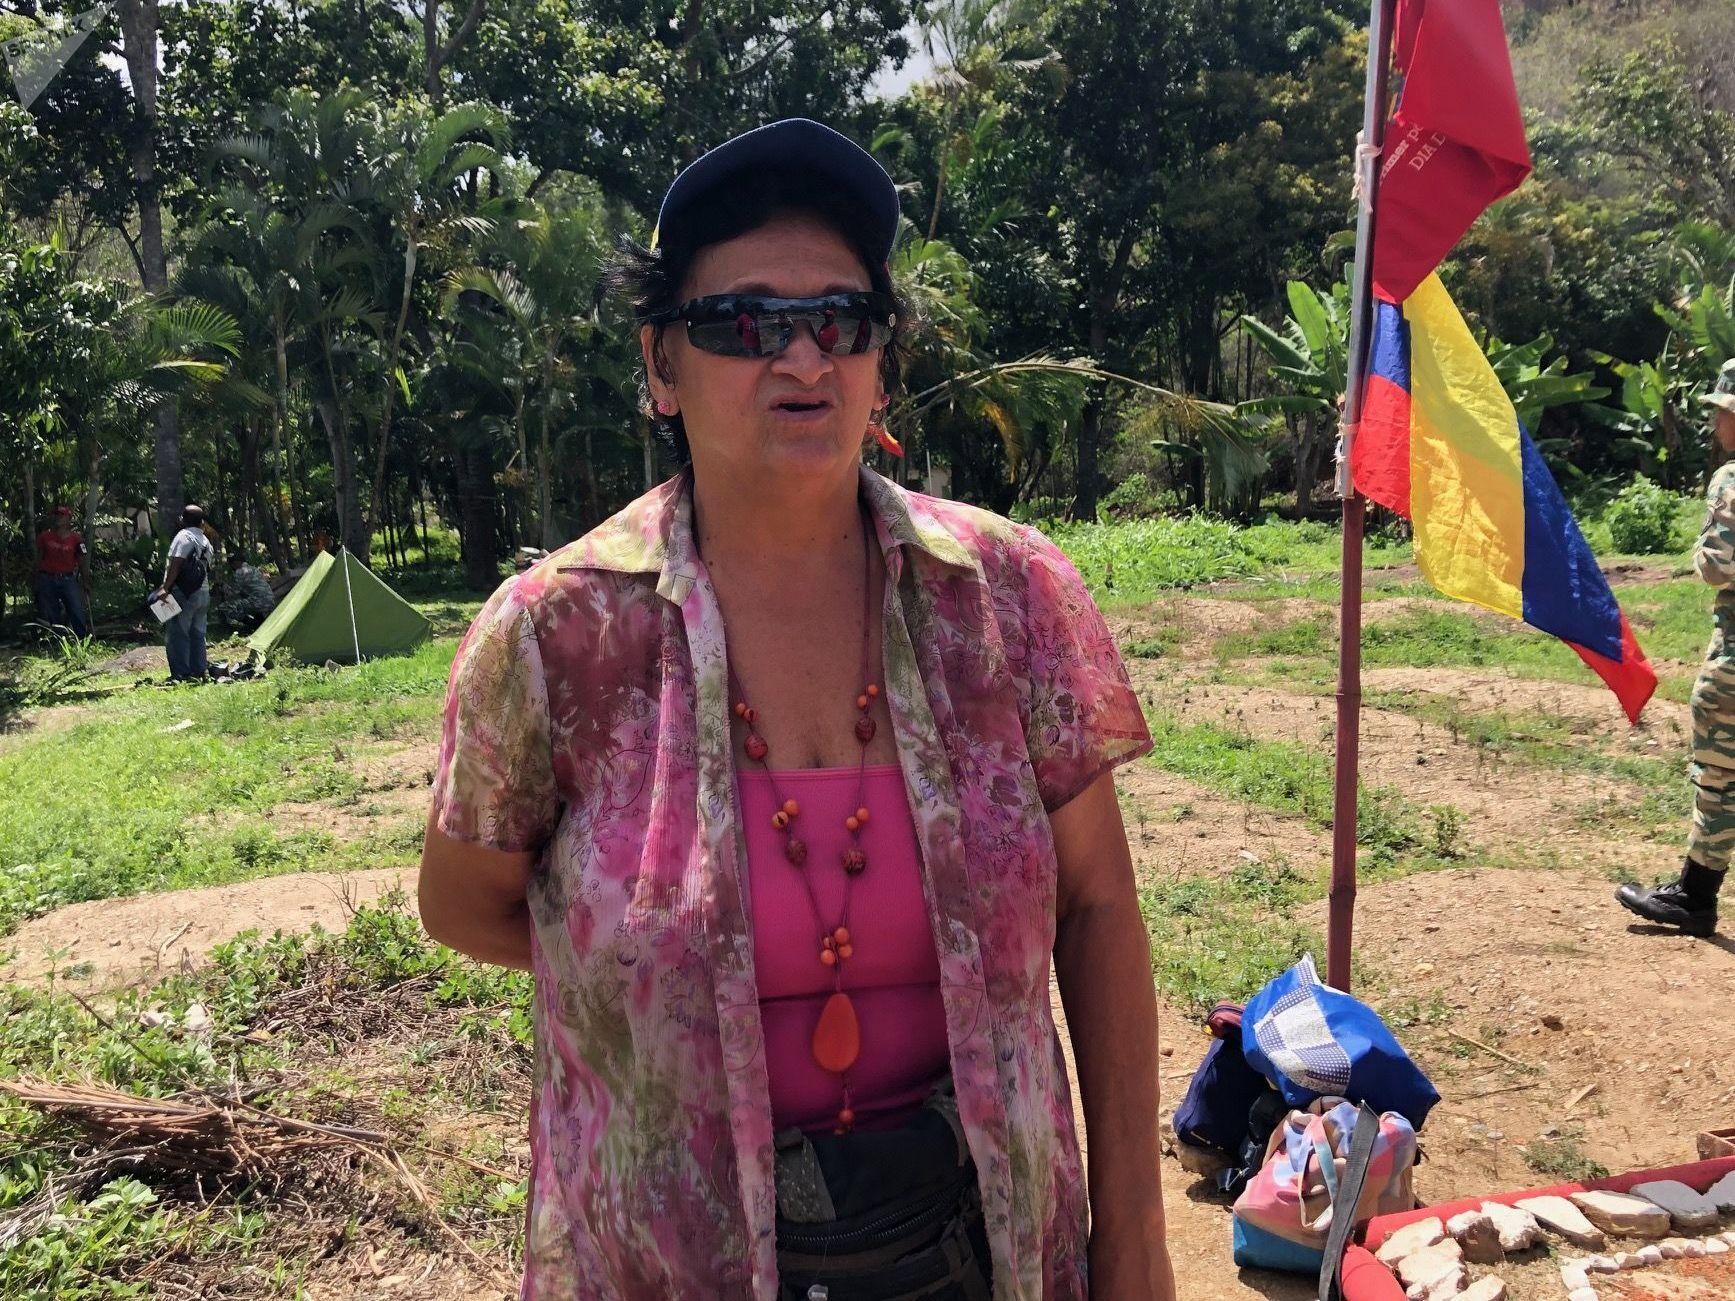 Dulce Núñez diz que, graças ao treinamento militar que recebe, consegue resistir aos efeitos de gás lacrimogêneo (apesar de ter 69 anos)